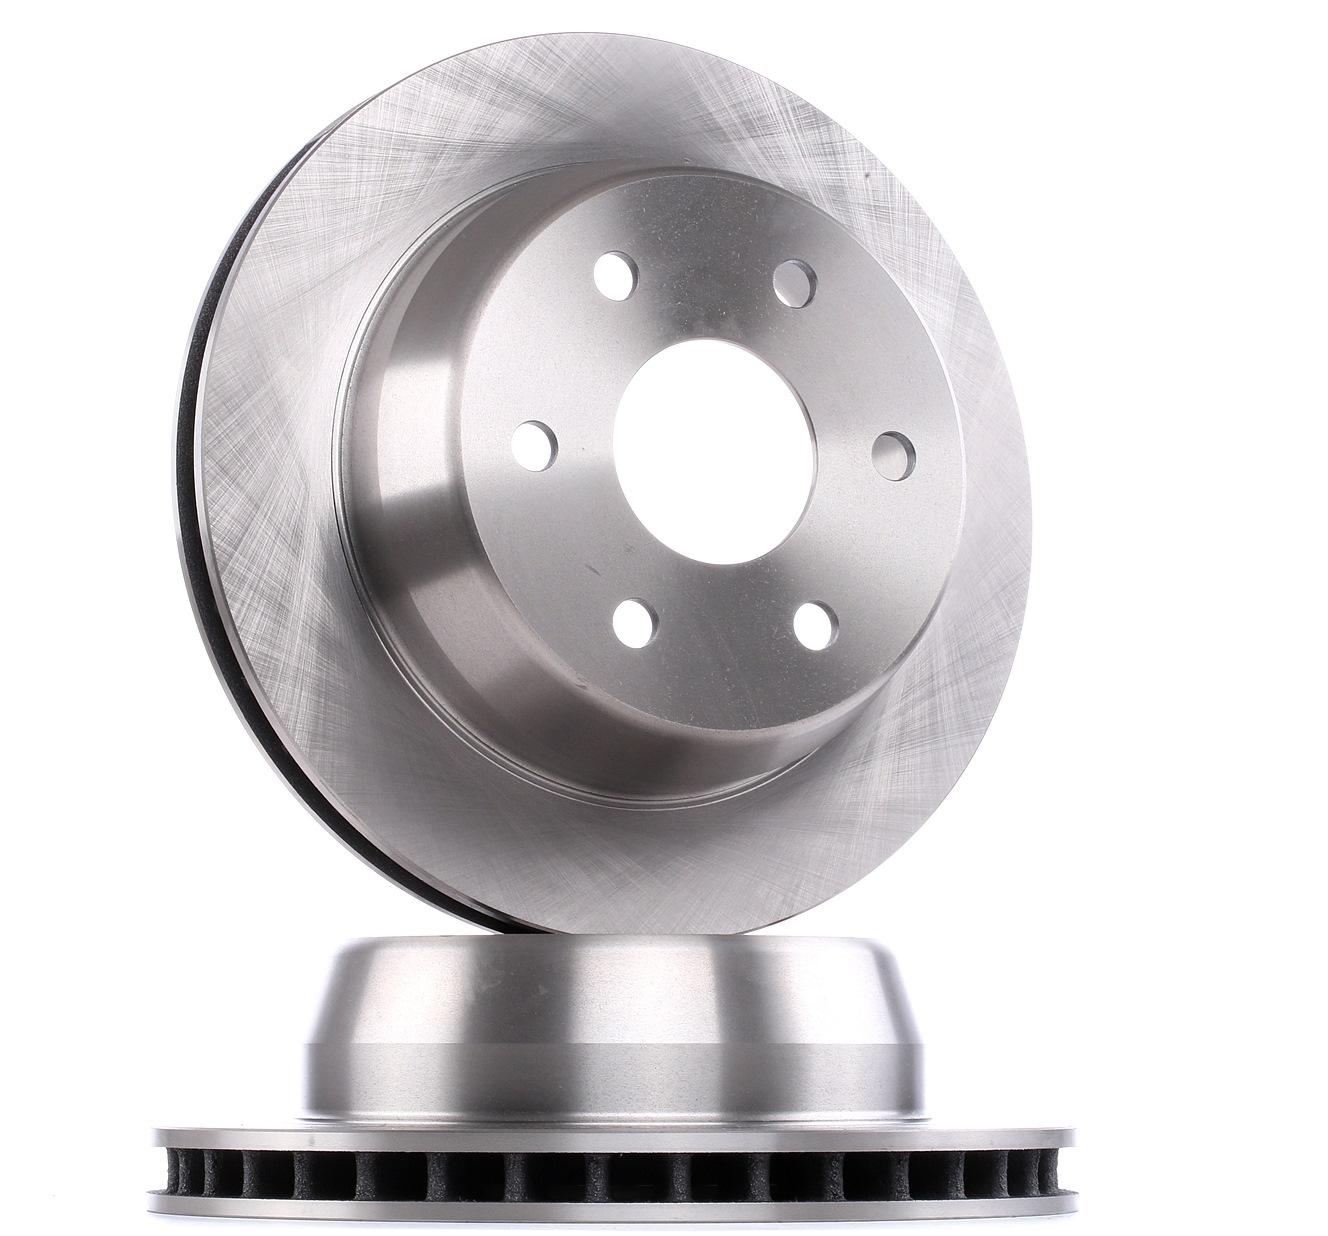 CHEVROLET TAHOE 2012 Bremsscheiben - Original STARK SKBD-0023901 Ø: 329mm, Felge: 6-loch, Bremsscheibendicke: 30,0mm